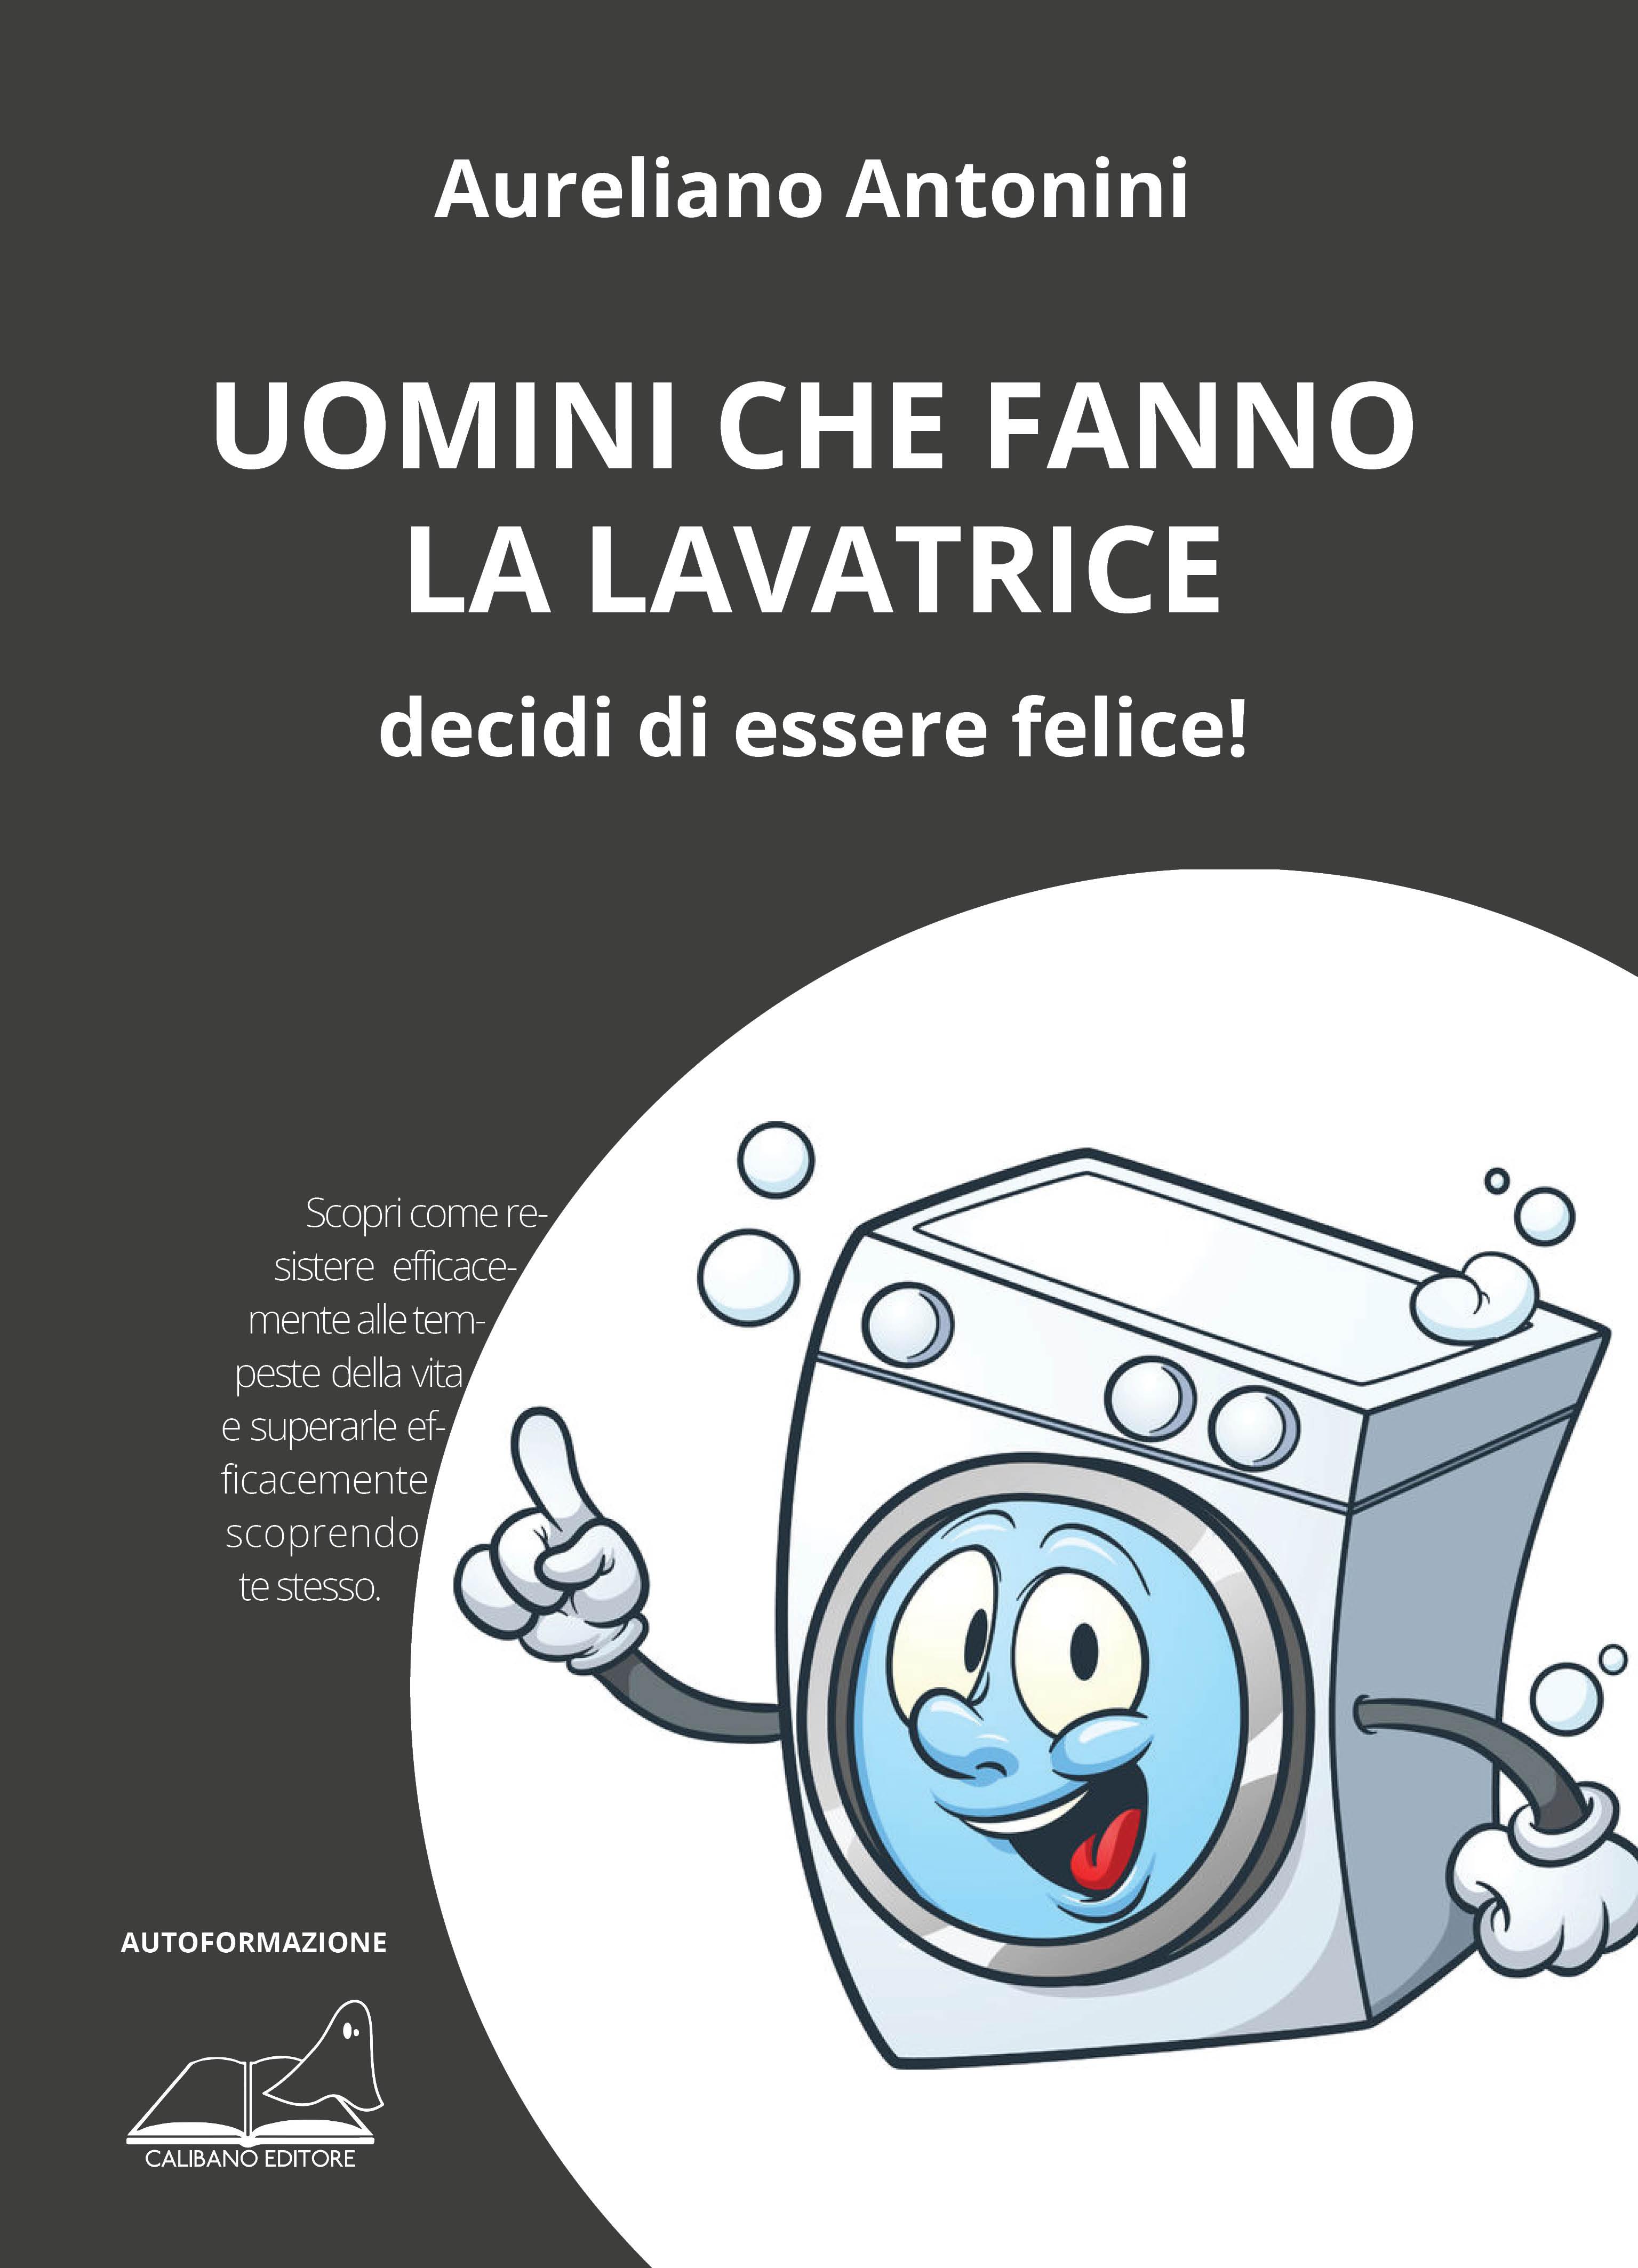 Uomini che fanno la lavatrice-image-1%>